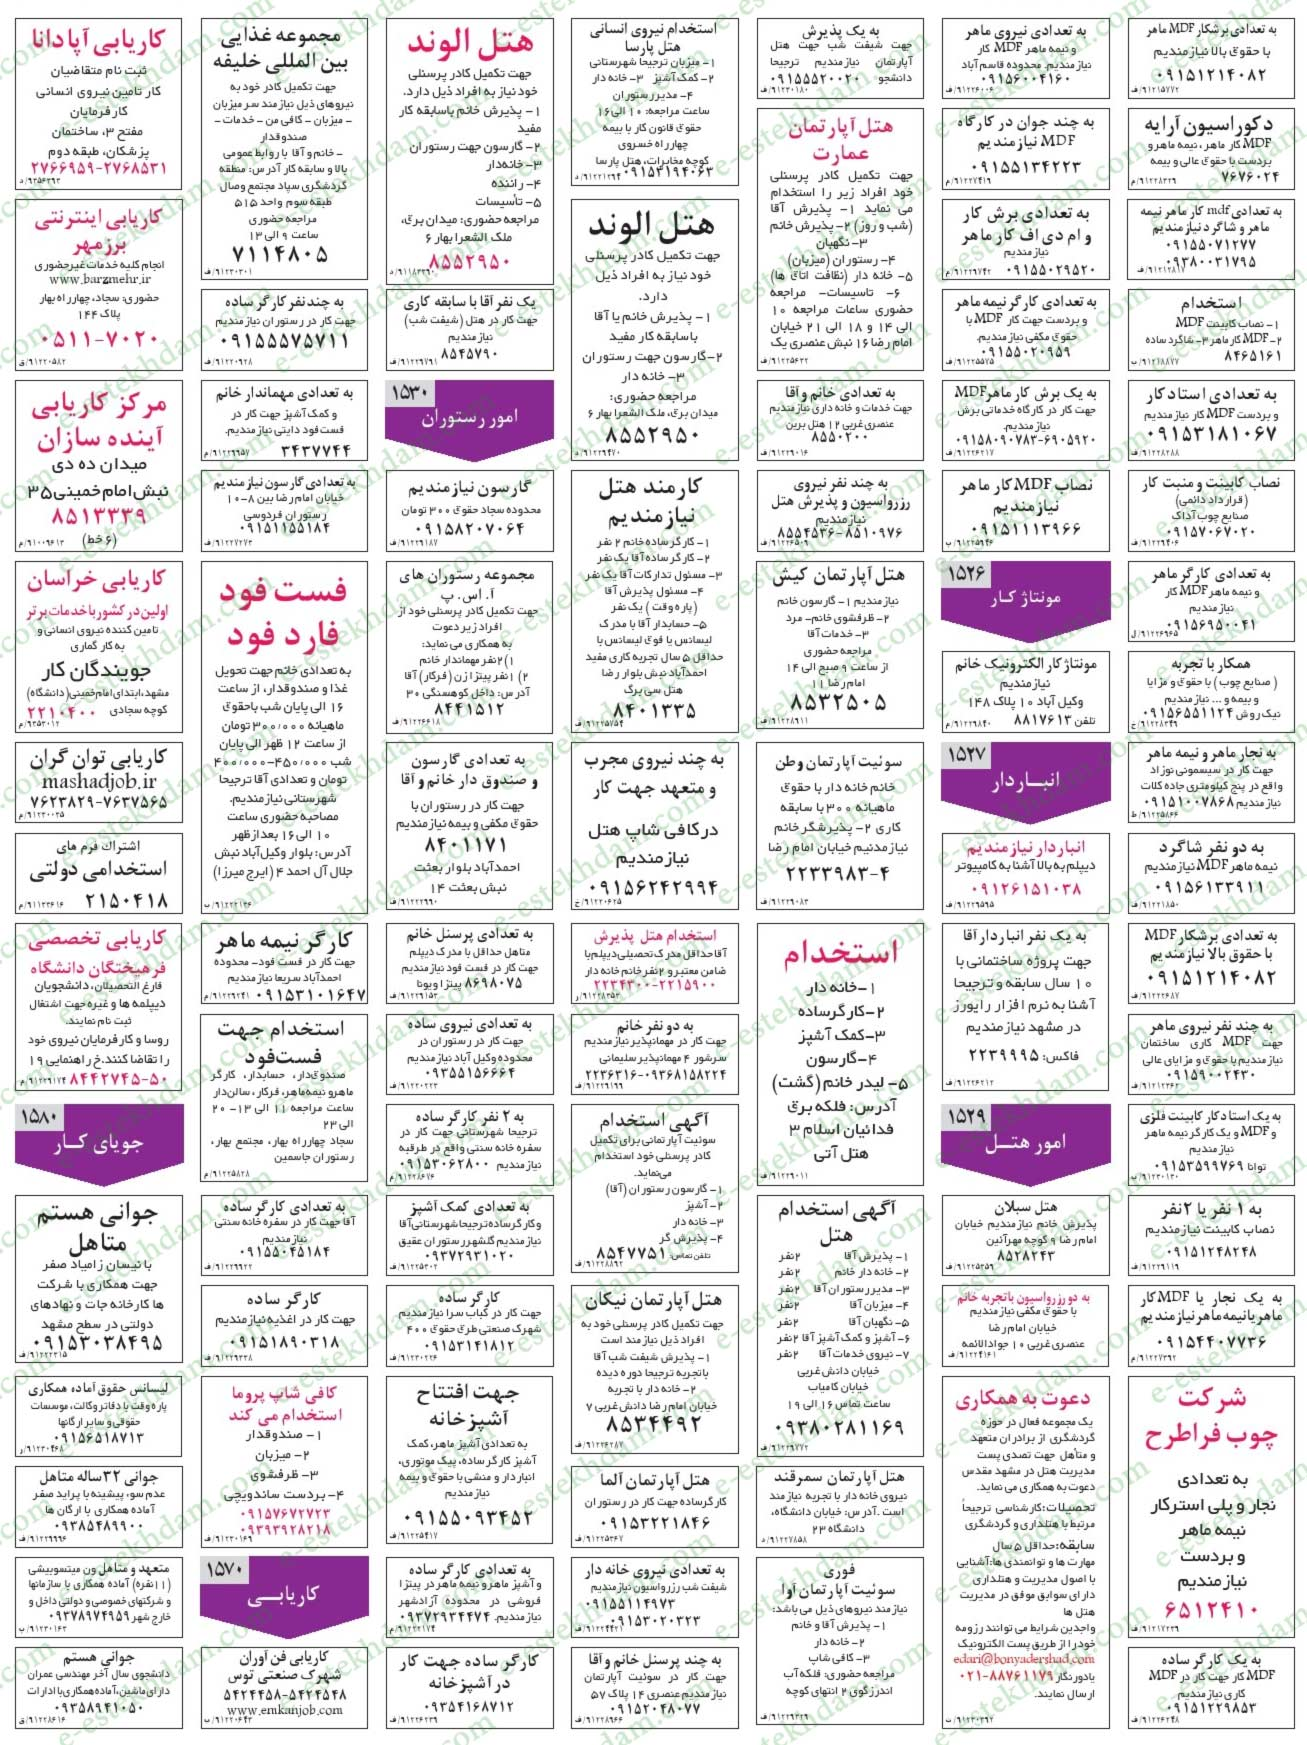 کانال تلگرام استخدام خراسان رضوی